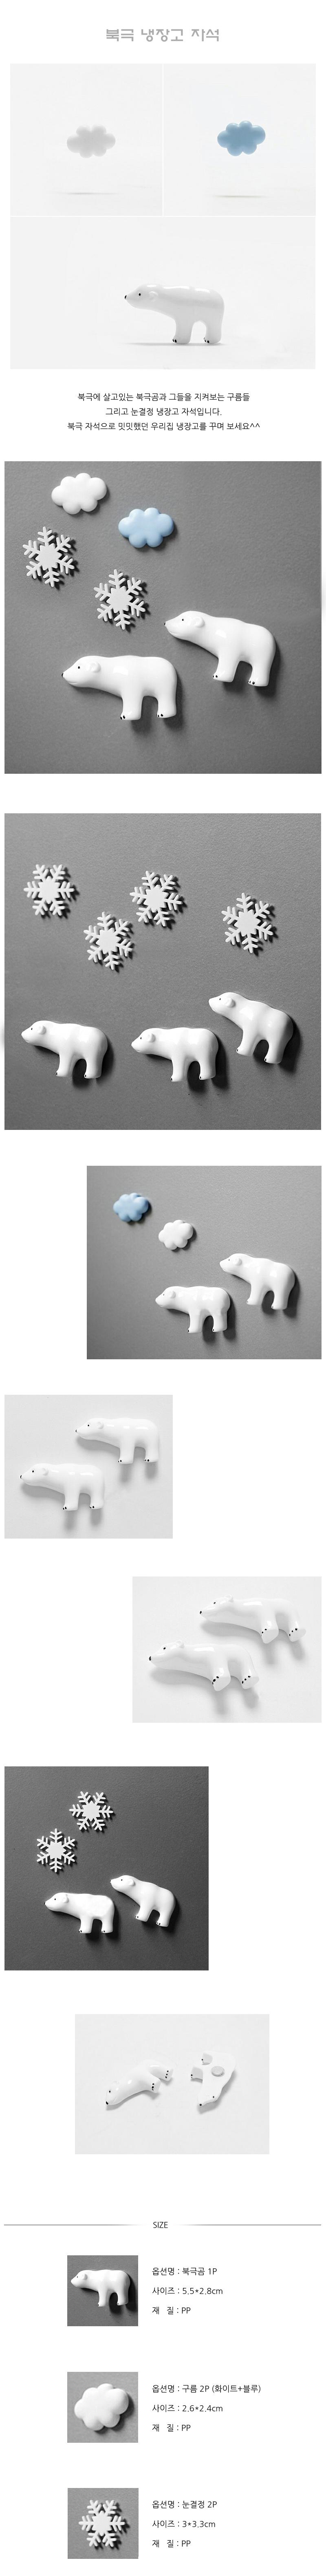 북극 냉장고 자석 - 제이엔터프라이스, 3,000원, 주방소품, 냉장고 자석